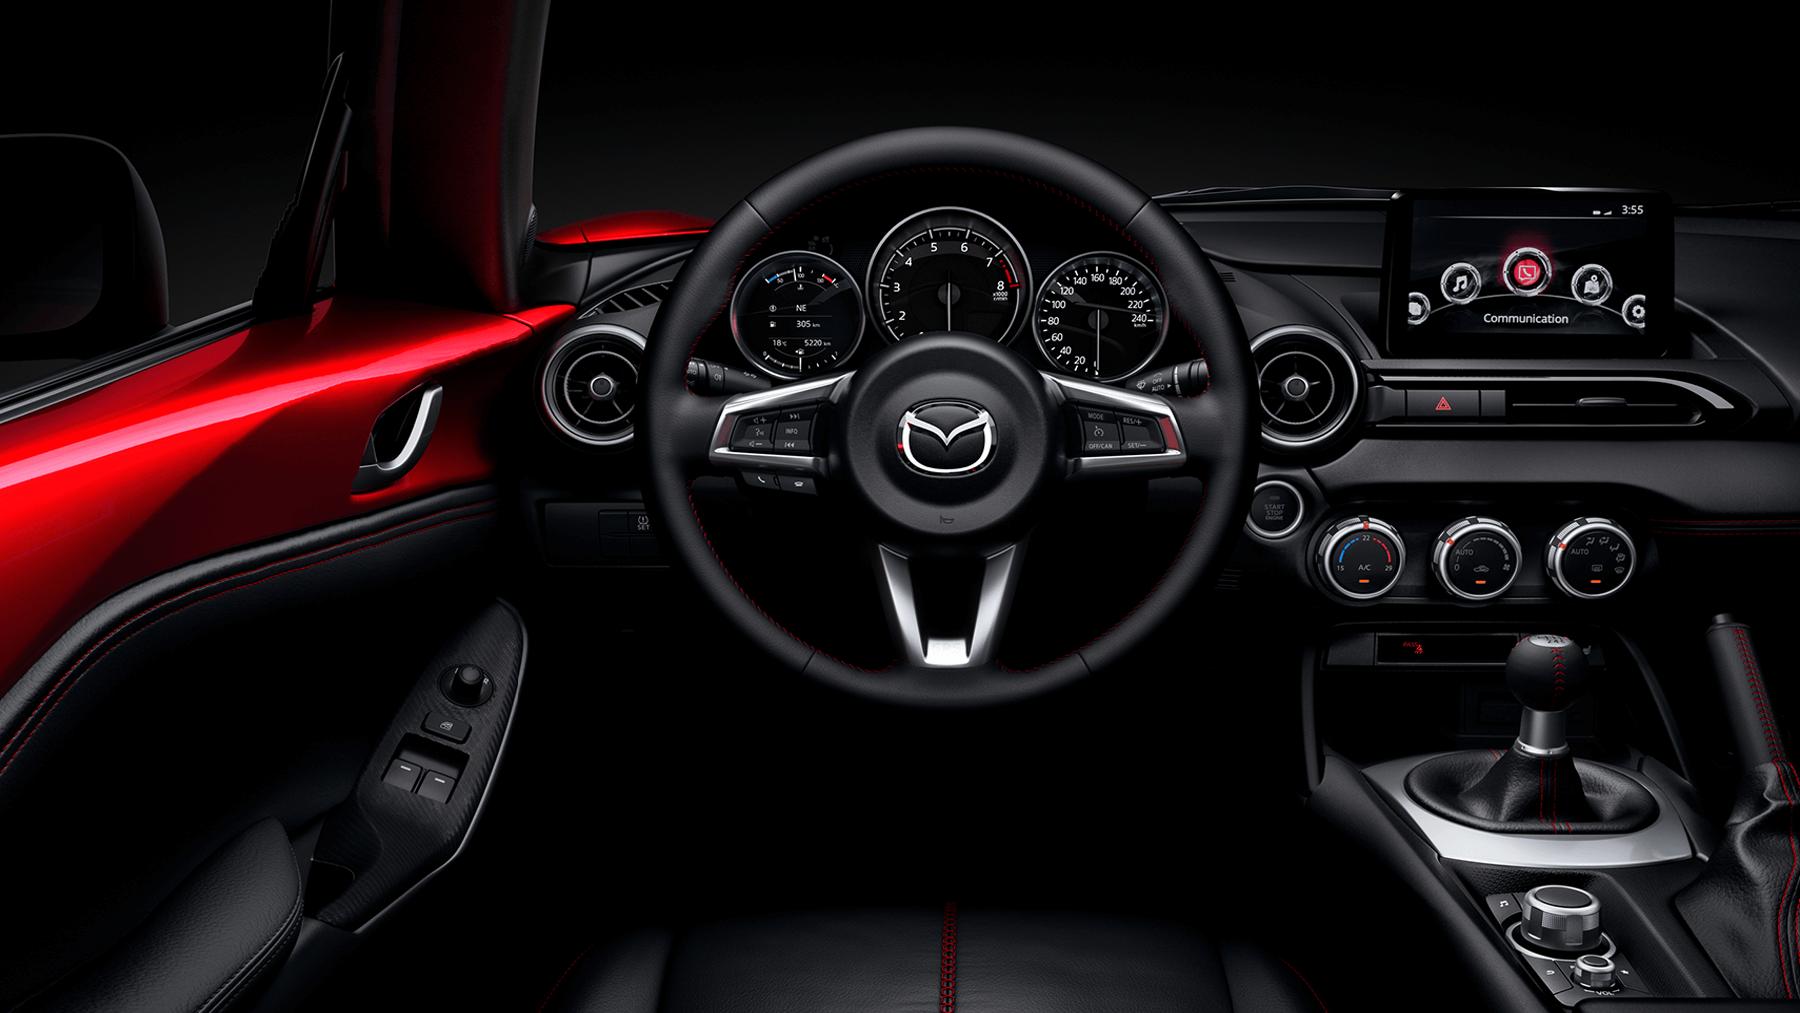 Mazda Mazda MX-5 2.0L 6MT (Cuero Negro - techo de lona) - Galería interior - imágen 0